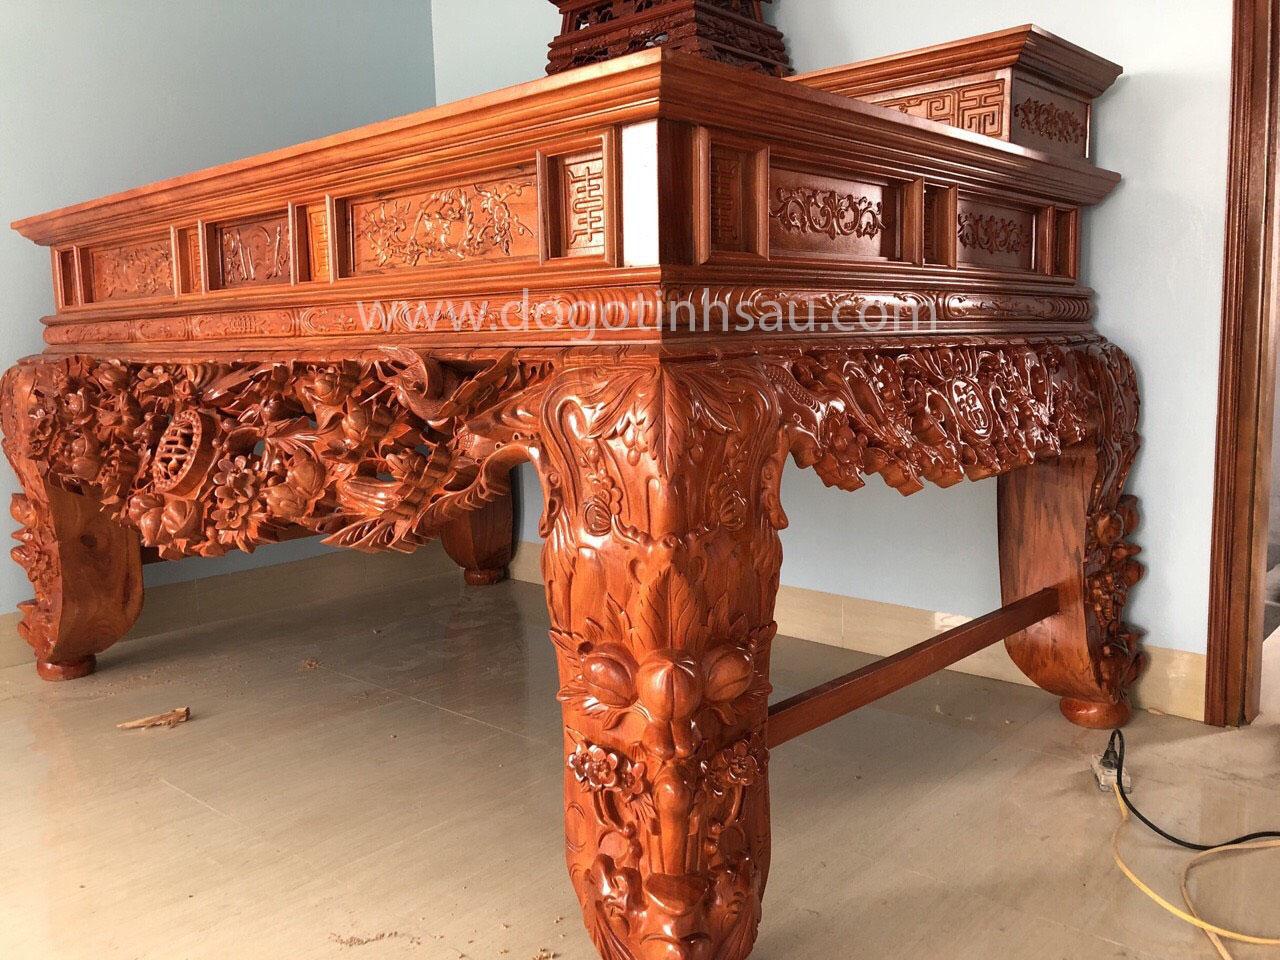 sap tho go huong da 1 - Sập thờ gỗ hương đá chân 22 chạm Mai Điểu